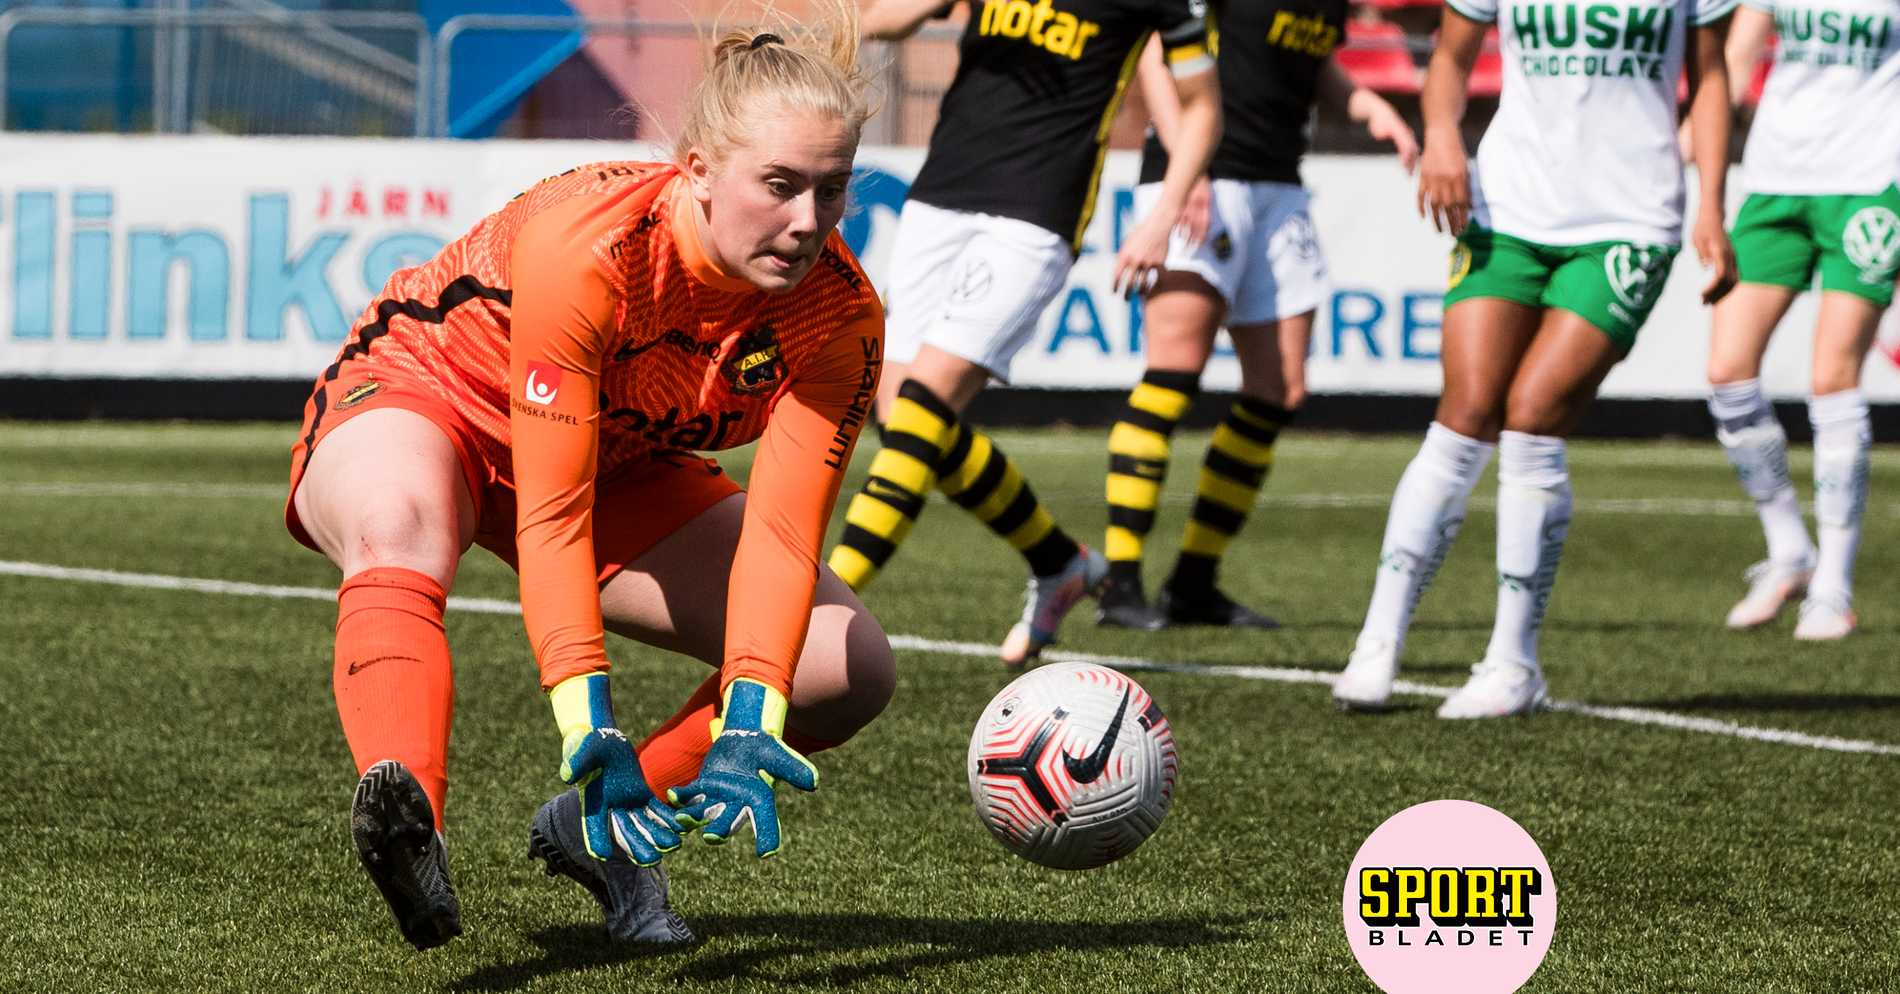 AIK med skrällpoäng – kryssade mot KDFF